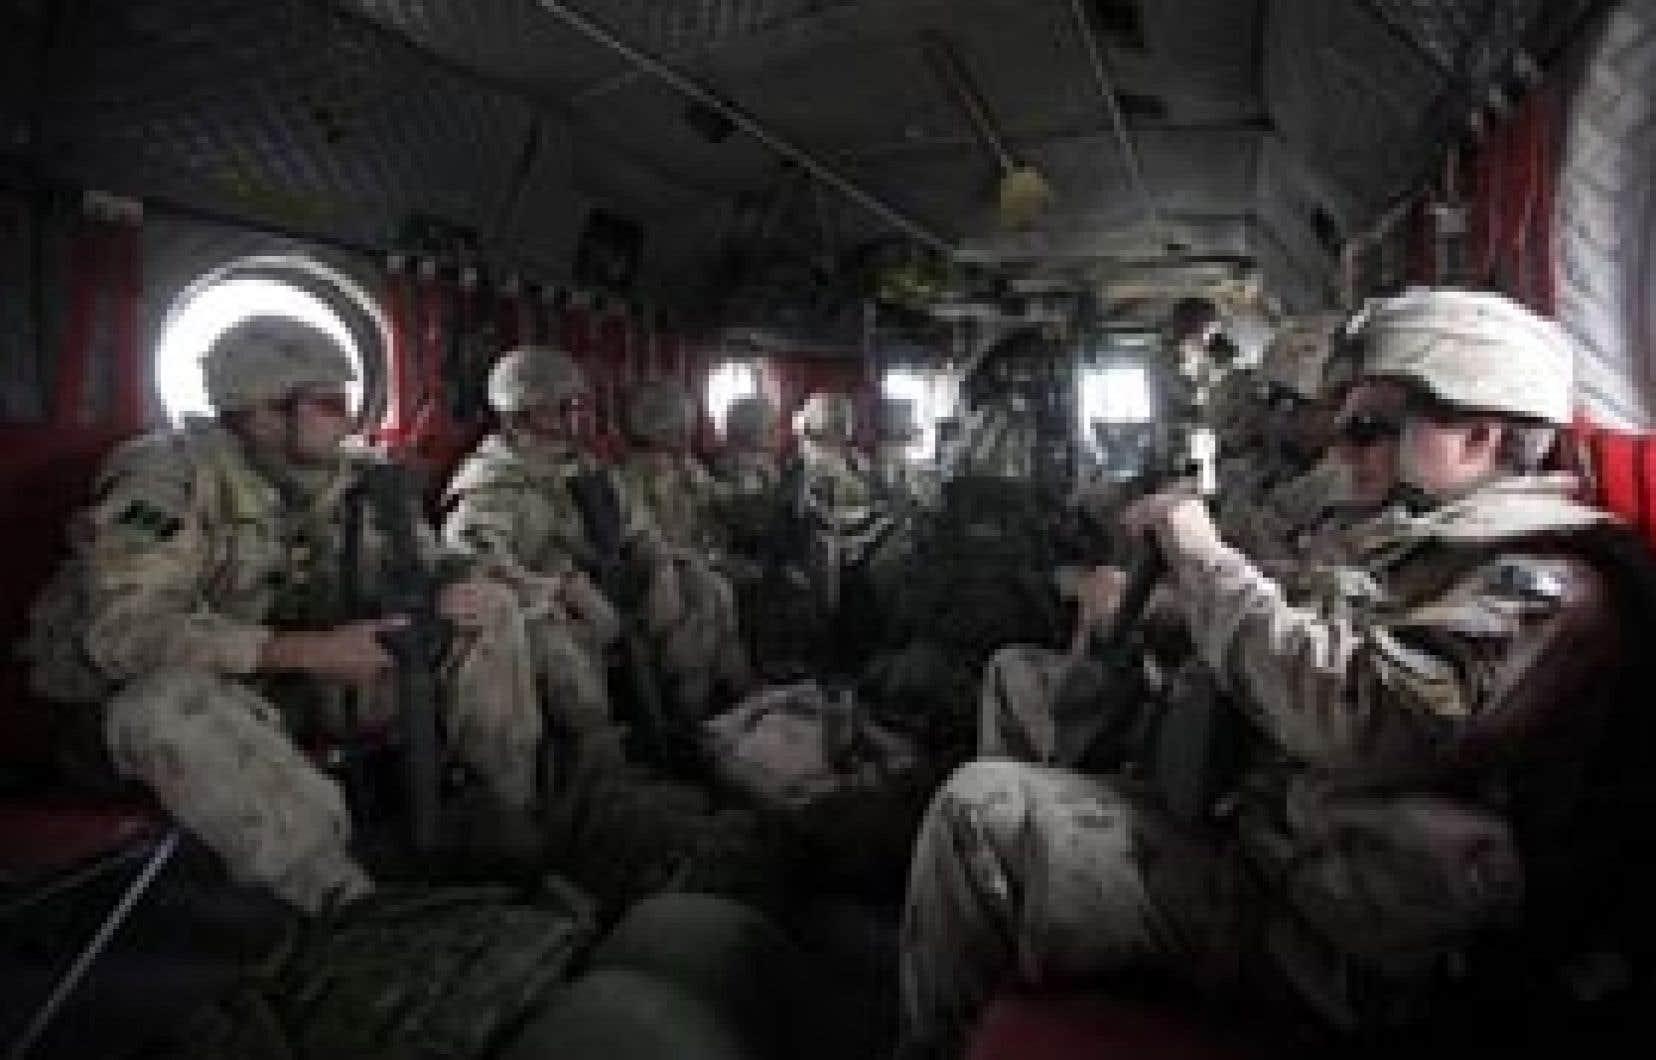 Des soldats canadiens s'apprêtent à partir en mission à bord d'un hélicoptère Chinook des forces de l'OTAN sur la base de Masum Ghar, dans la province de Kandahar, au sud de l'Afghanistan.